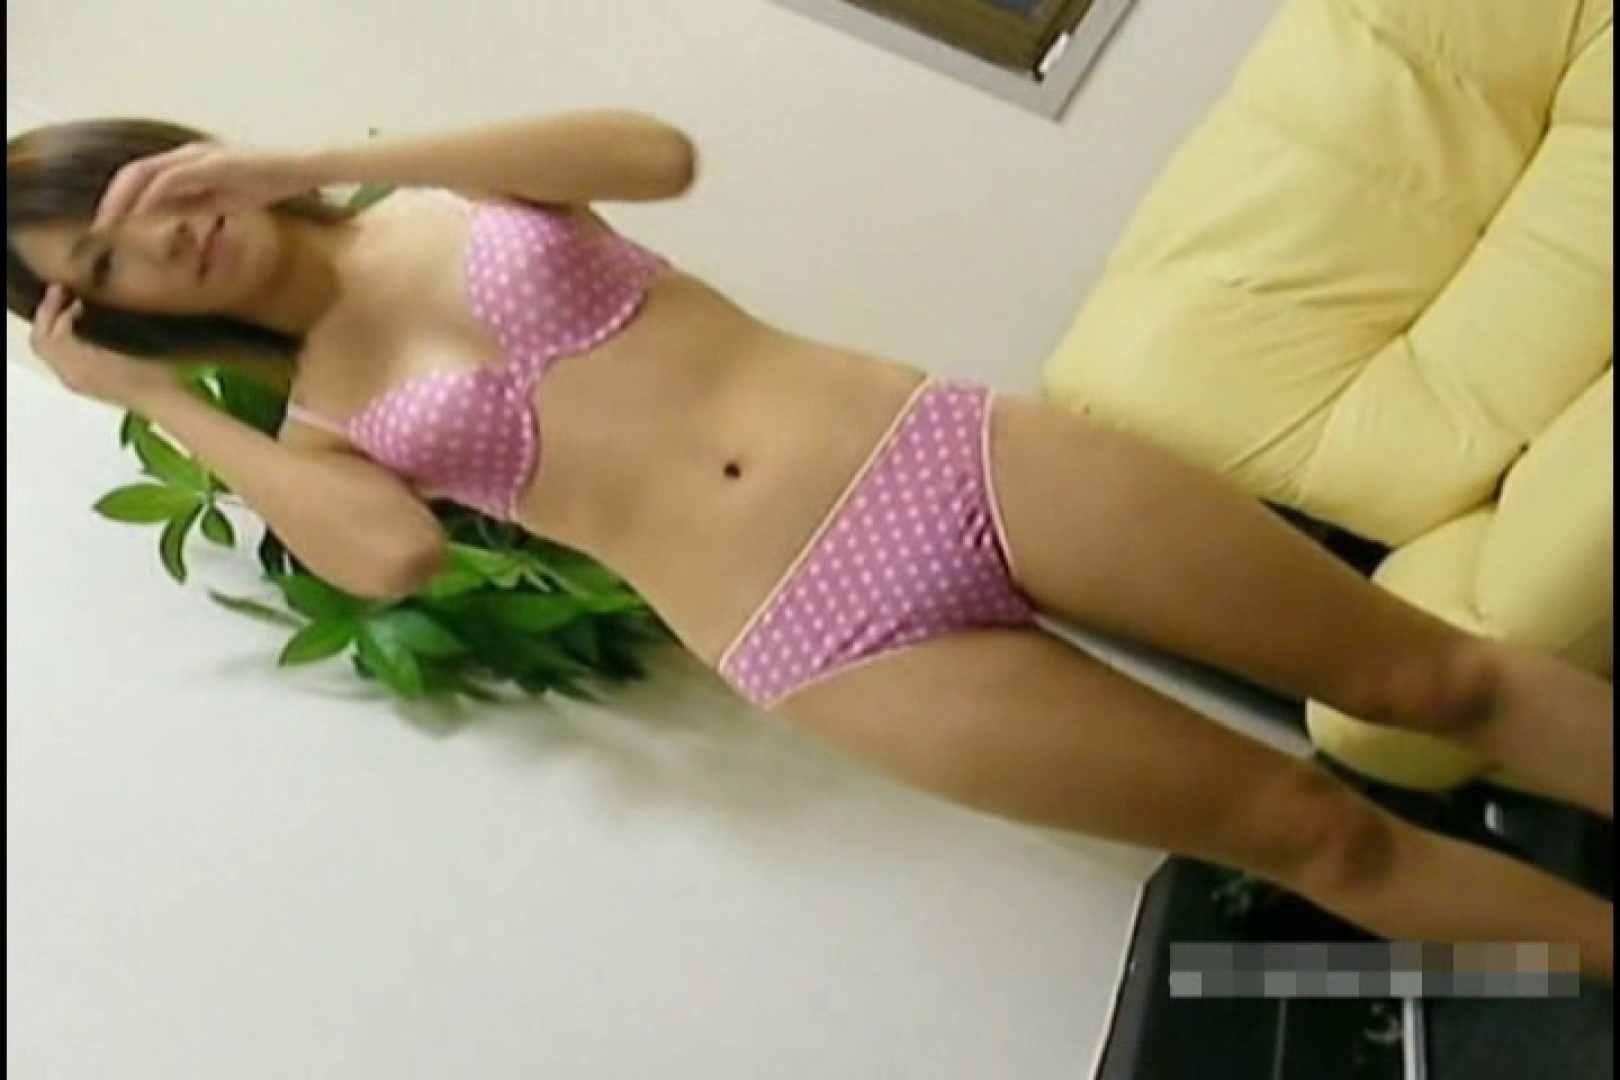 素人撮影 下着だけの撮影のはずが・・・れみ18歳 アイドル のぞき動画画像 60PIX 55